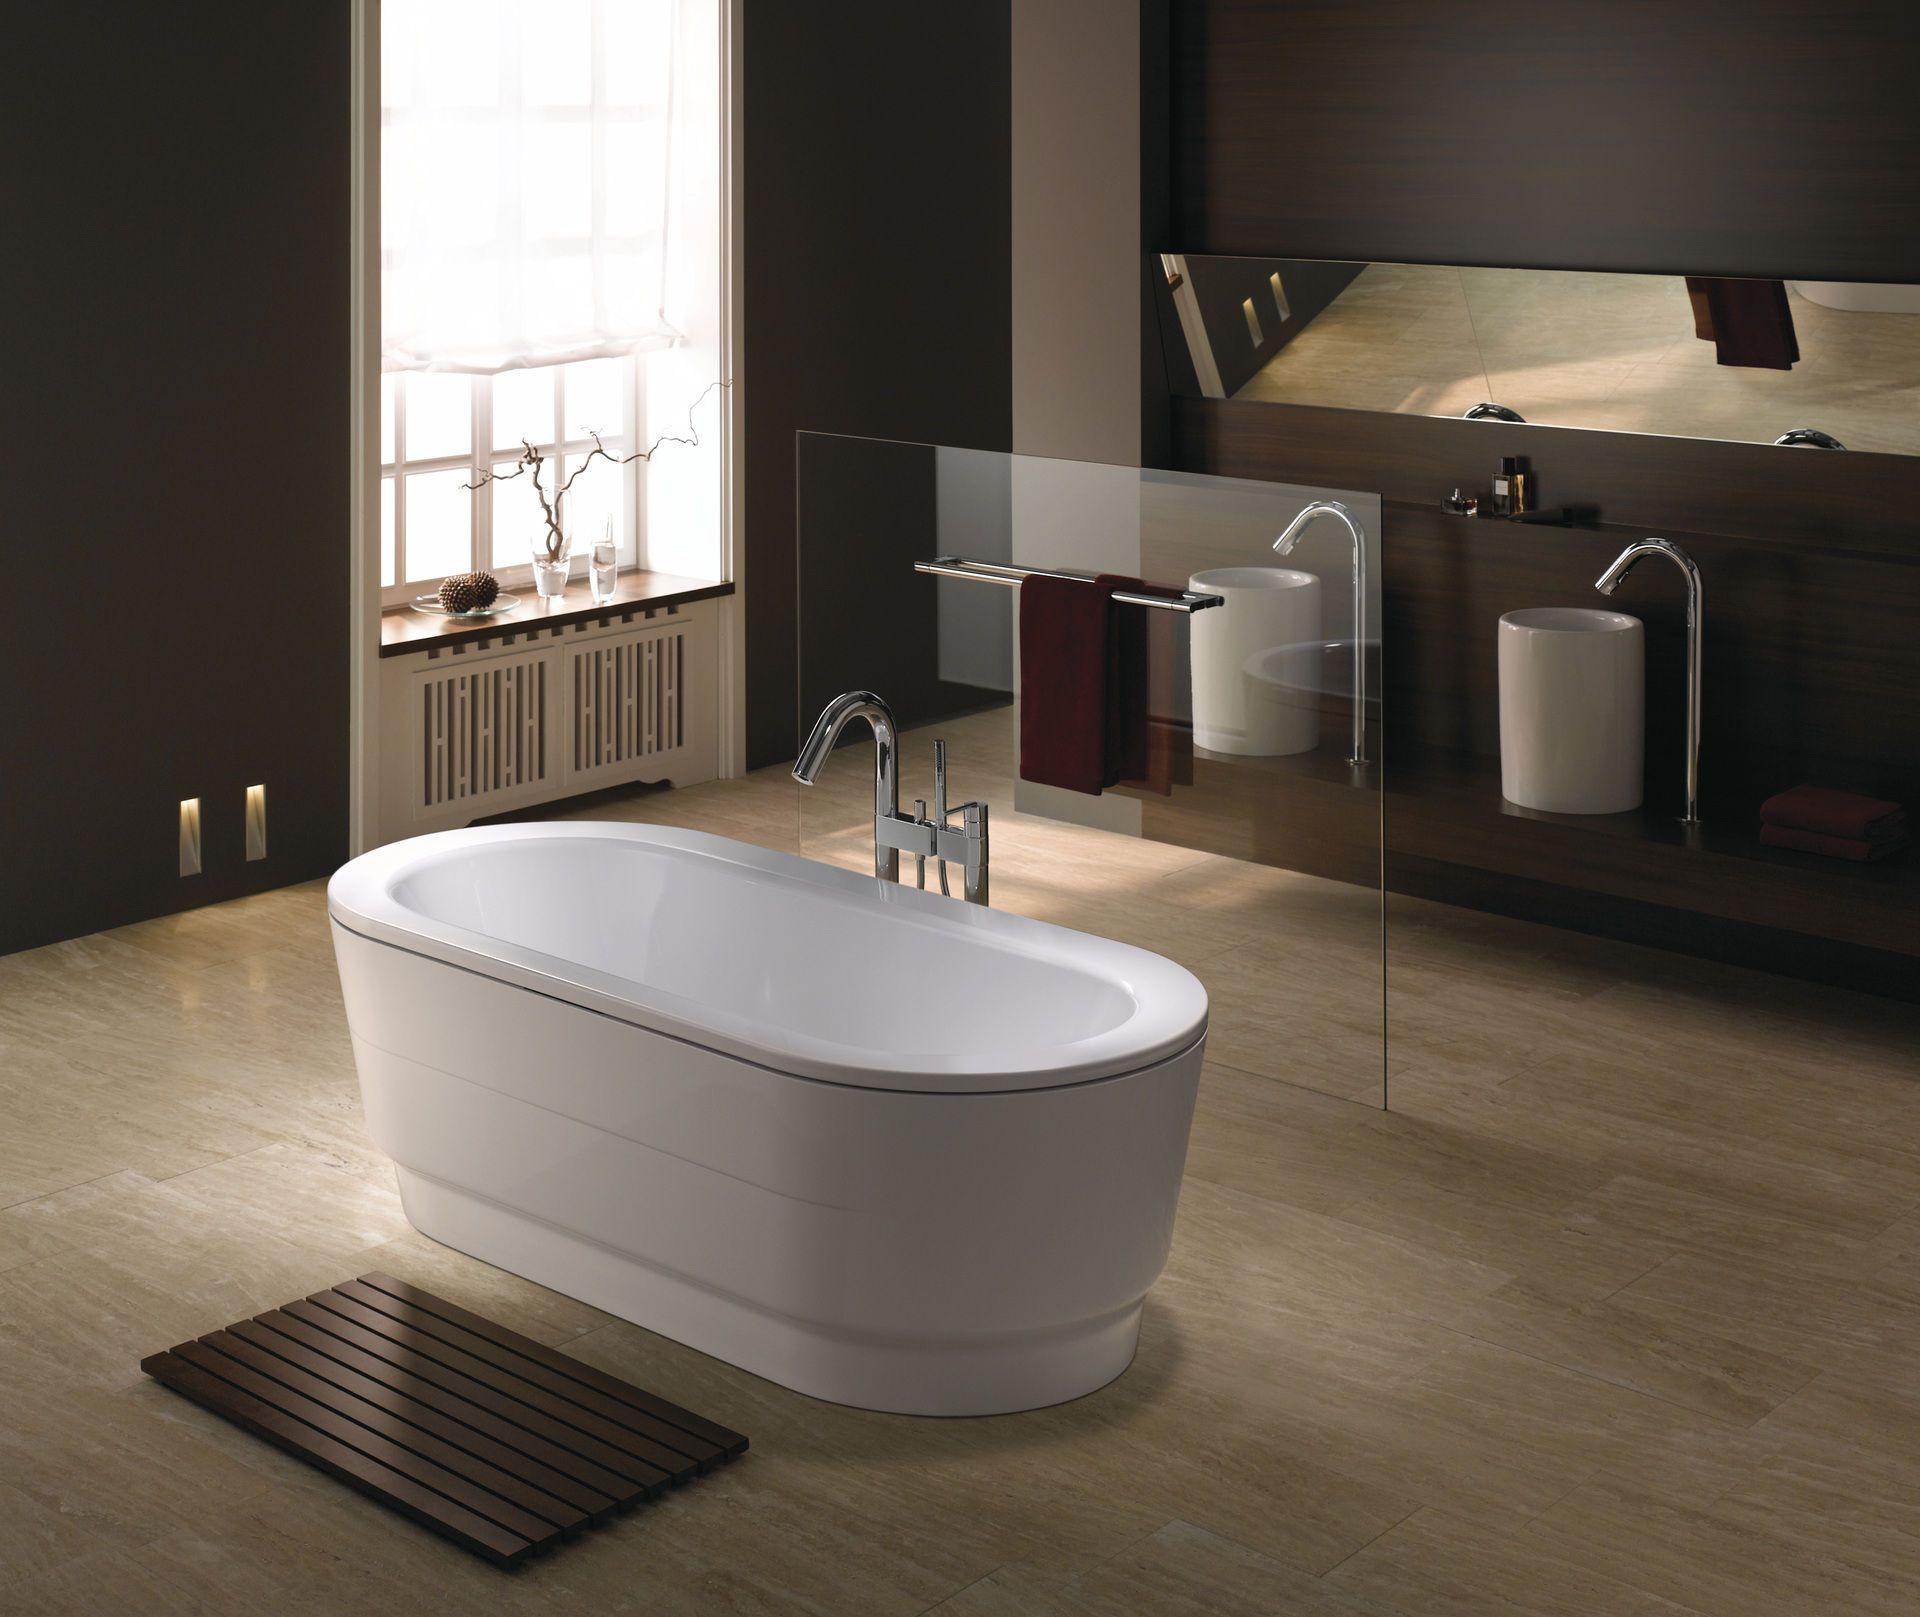 Die Badewanne Designobjekt Und Entspannungsoase Bauemotion De